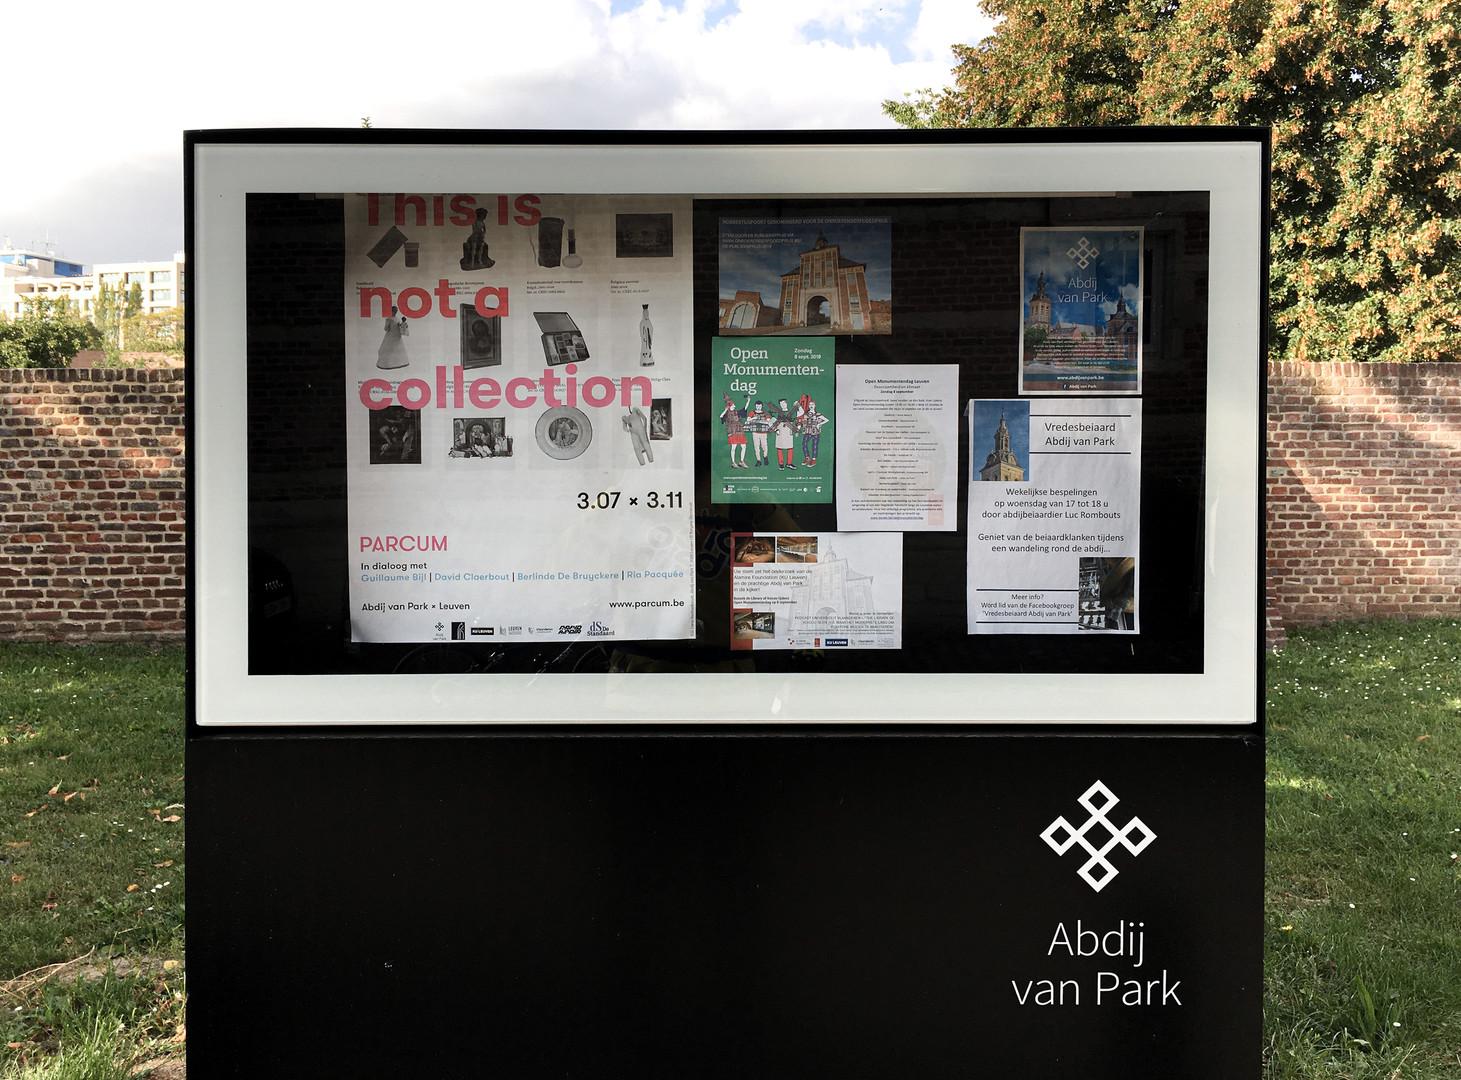 Abdij van Park - Wayfinding